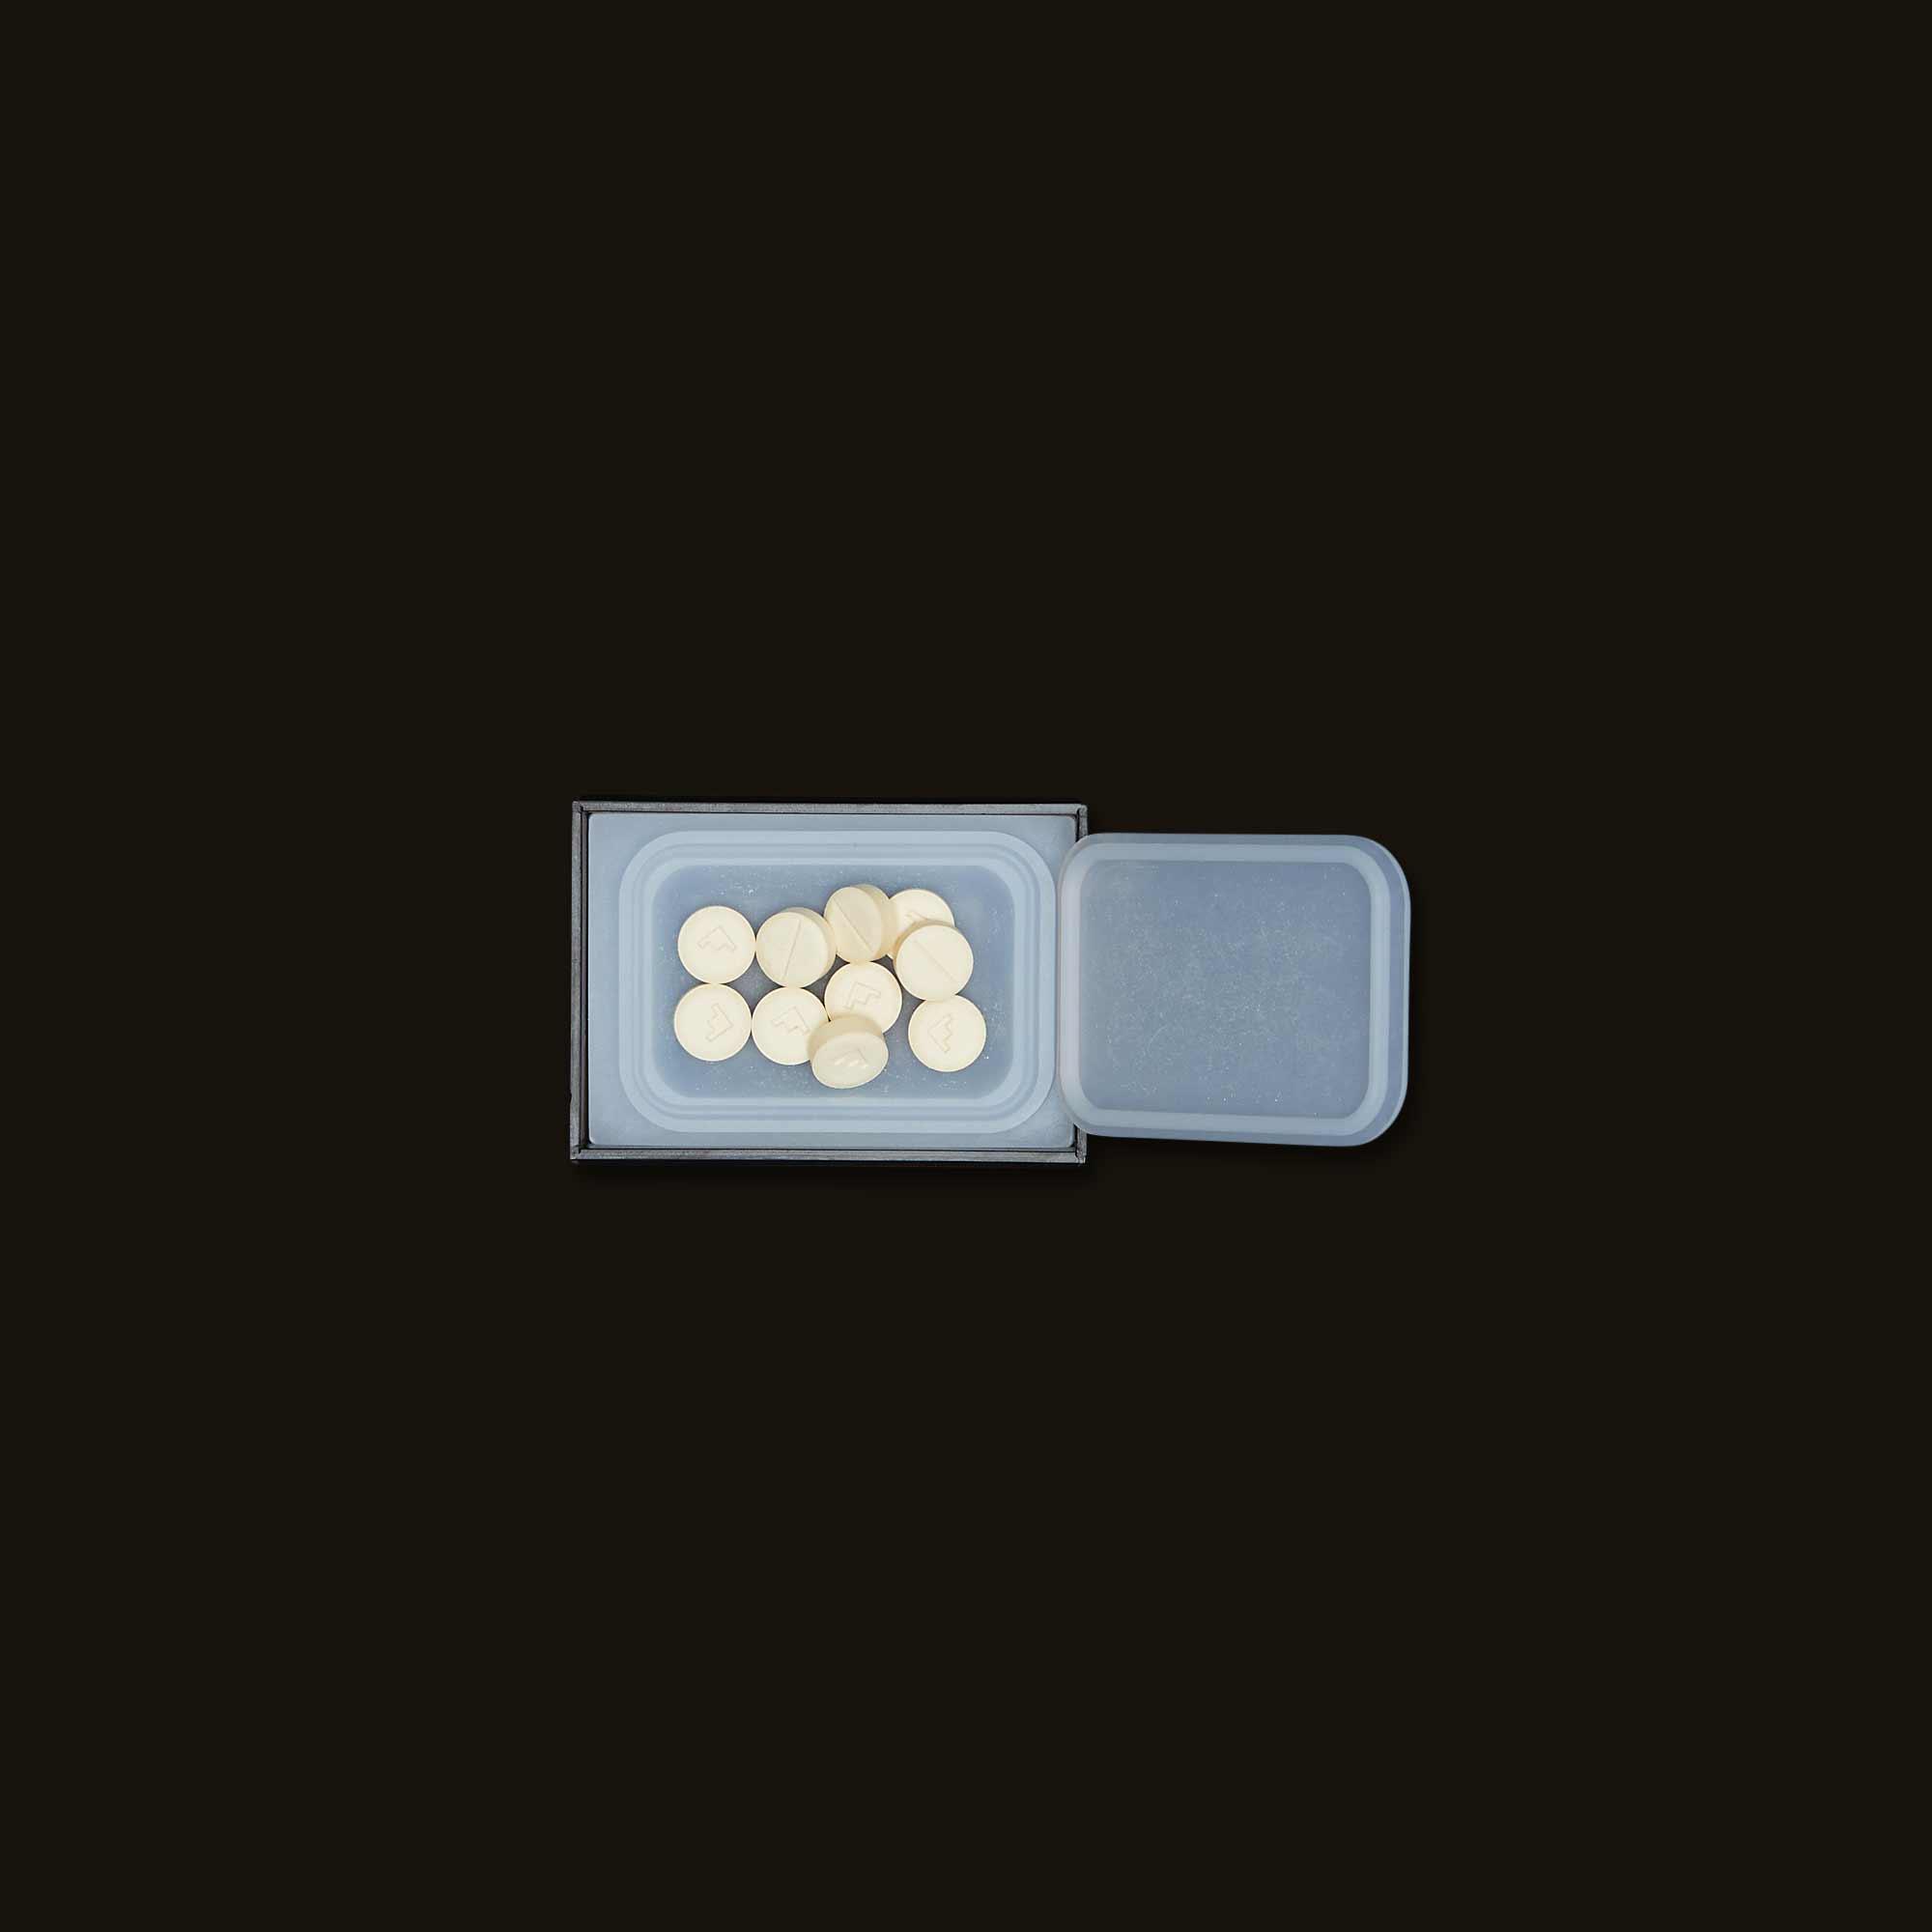 Box of protab hybrid pills by level